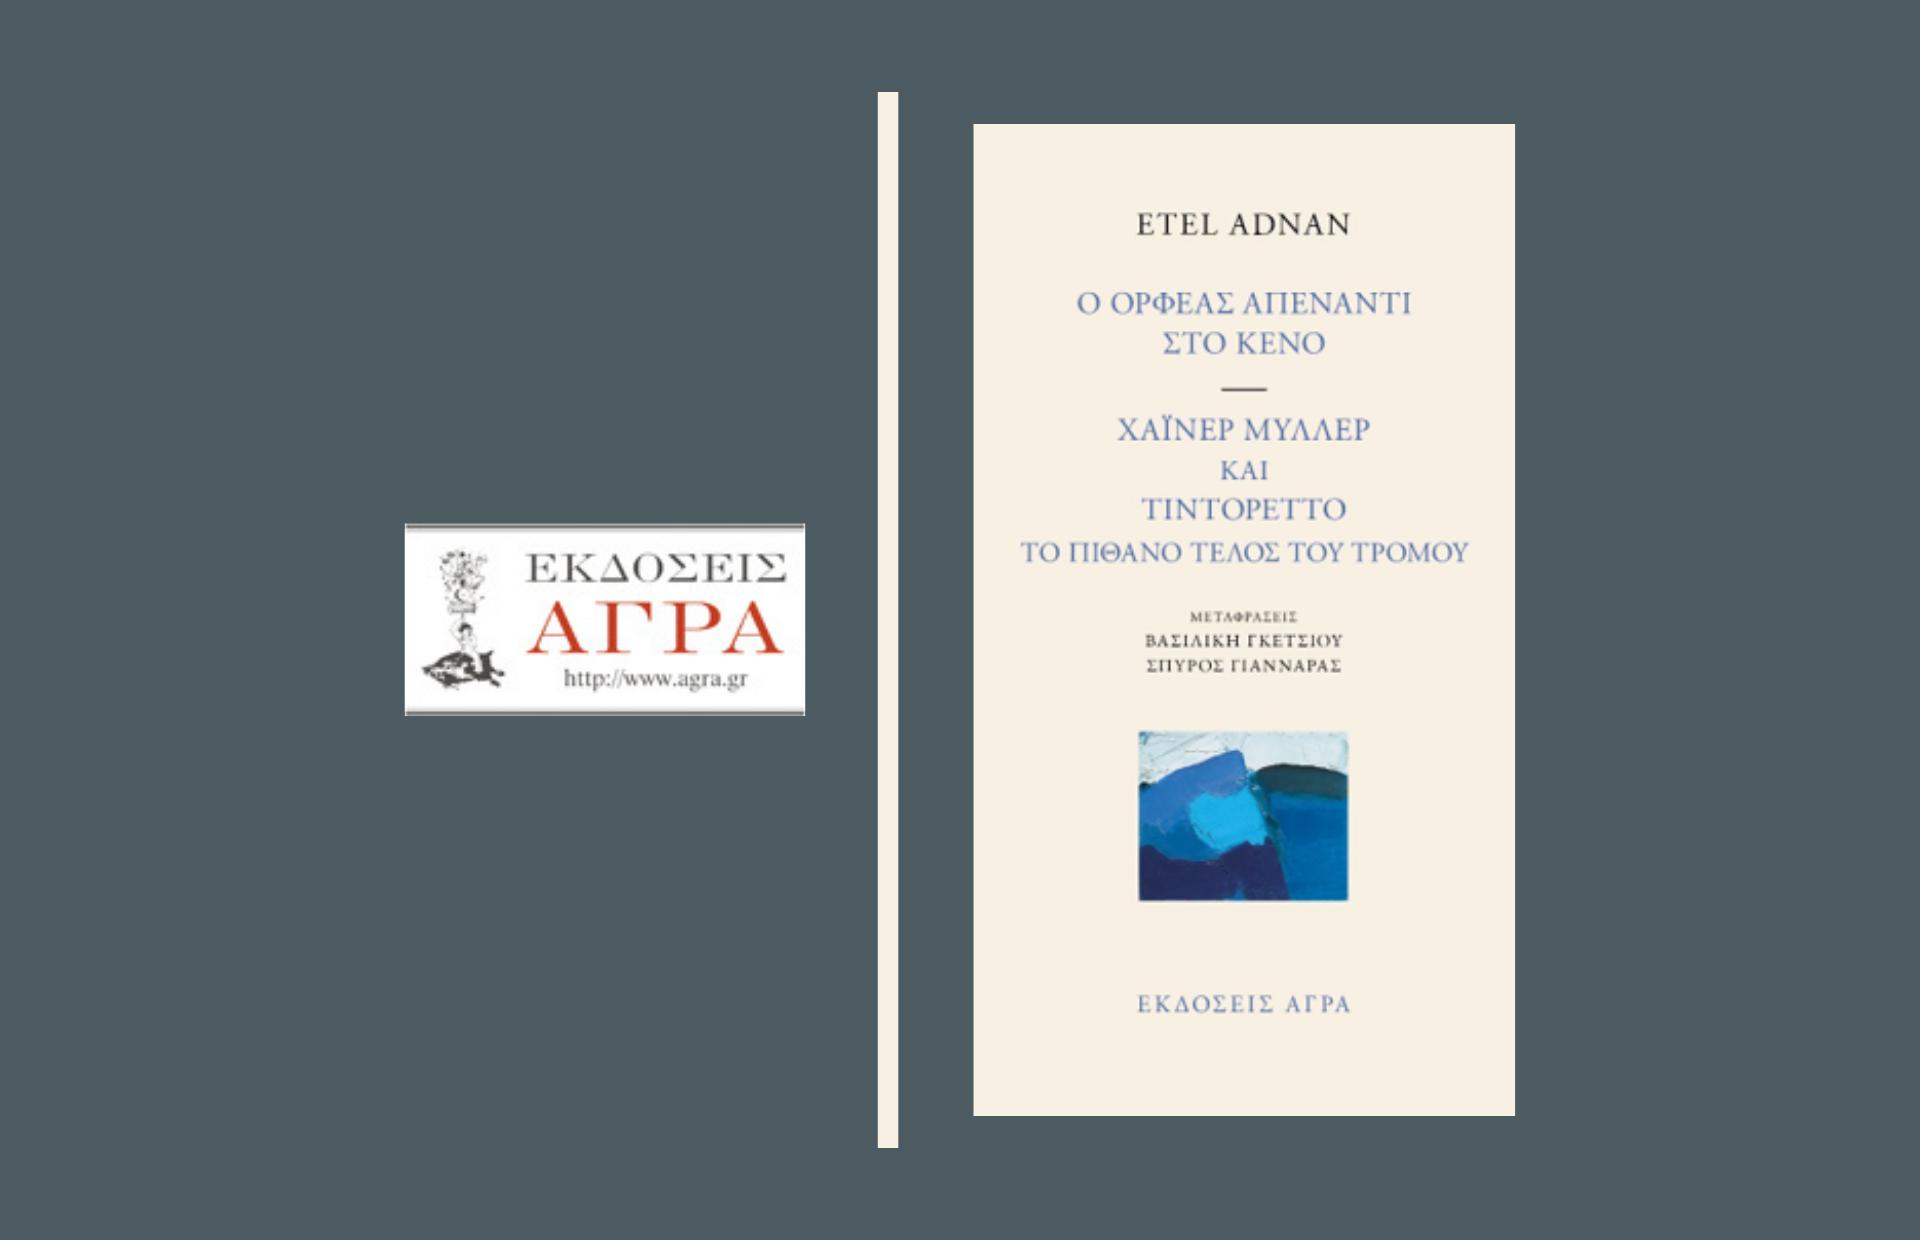 «Ο Ορφέας απέναντι στο κενό» | Εκδόσεις Άγρα